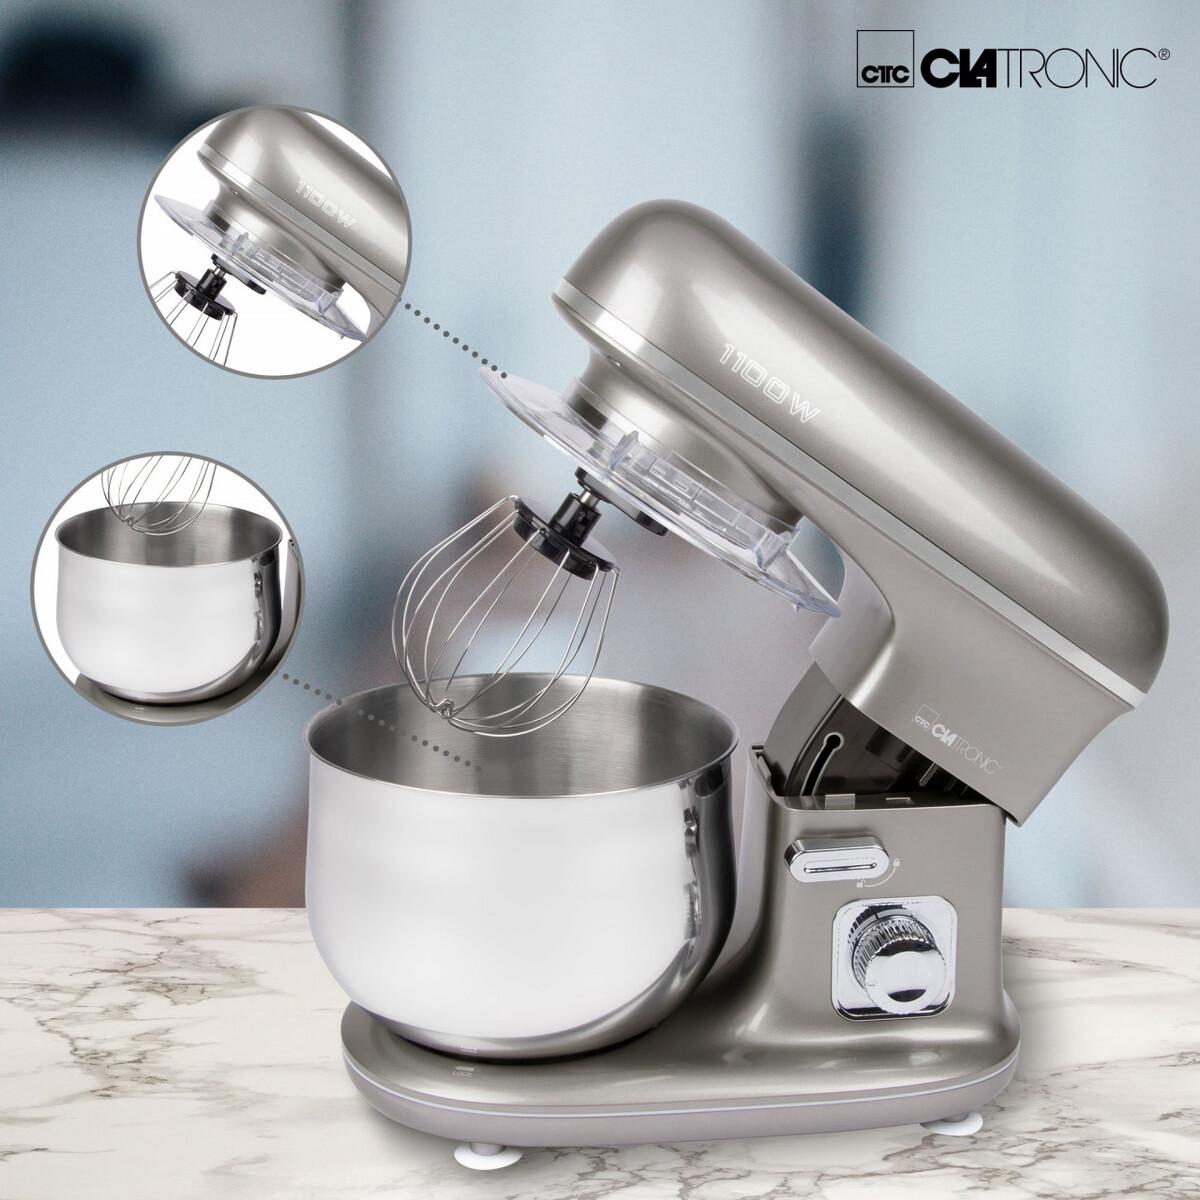 Bild 2 von Clatronic Küchenmaschine 5L KM3712 titan